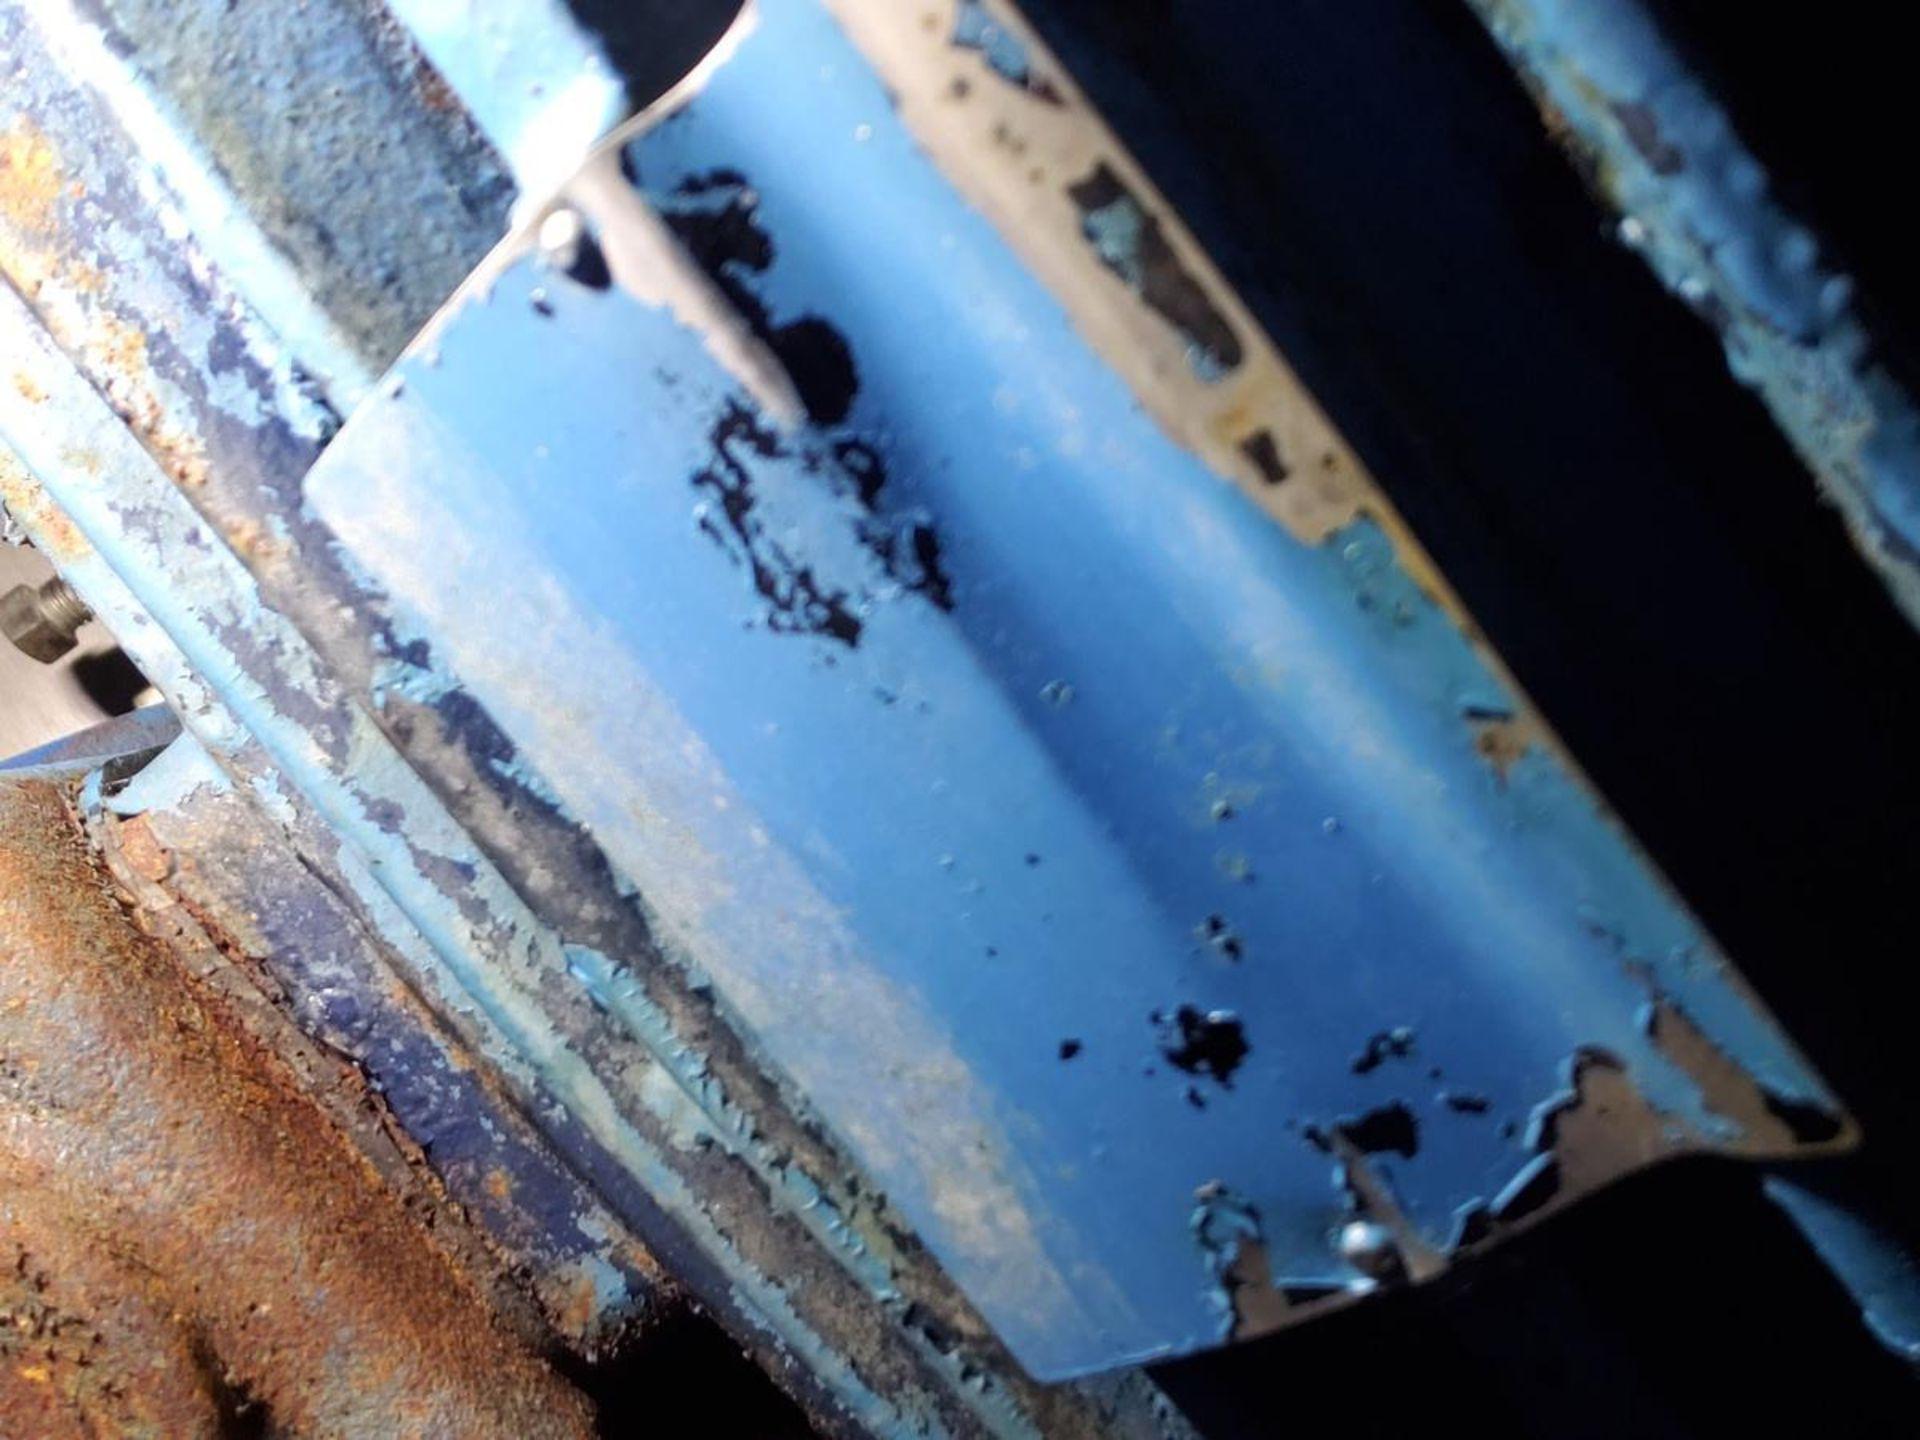 Lot 3 - Ribbon Blender - Stainless Steel Ribbon Blender, Approximately 80 CuFt 46 - Loc: NJ | Rig Fee: $3500